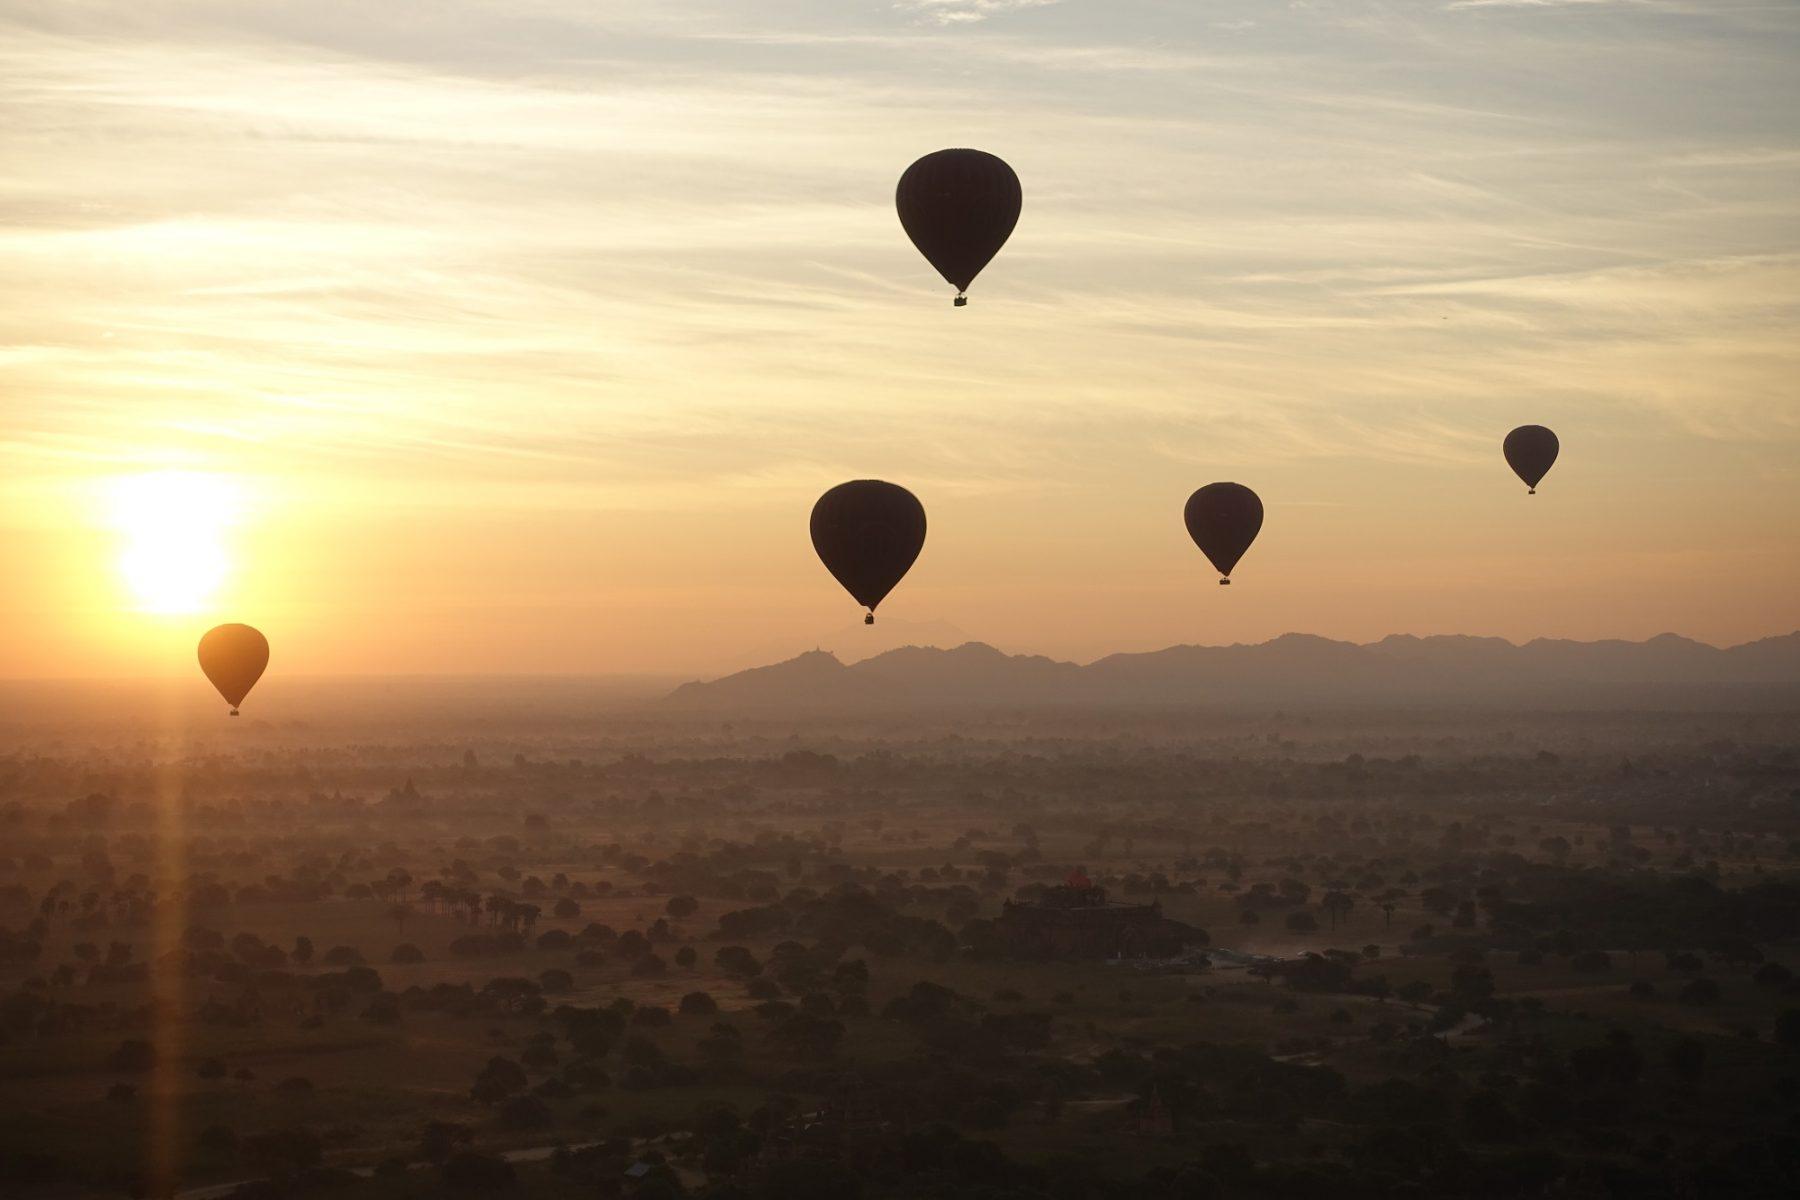 montgolfiere indonesie